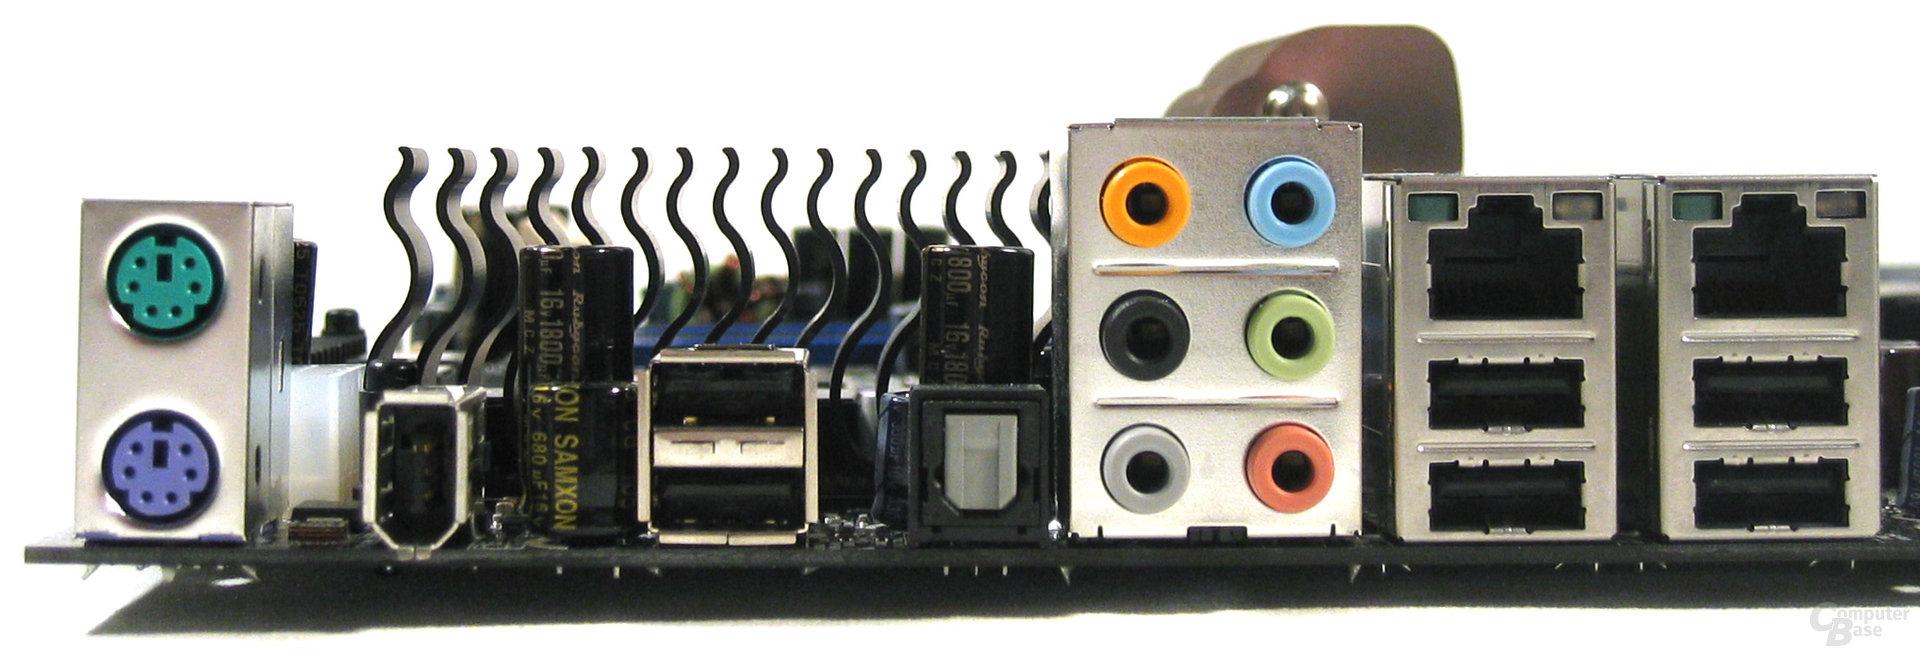 EVGA 680i SLI ATX-Blende